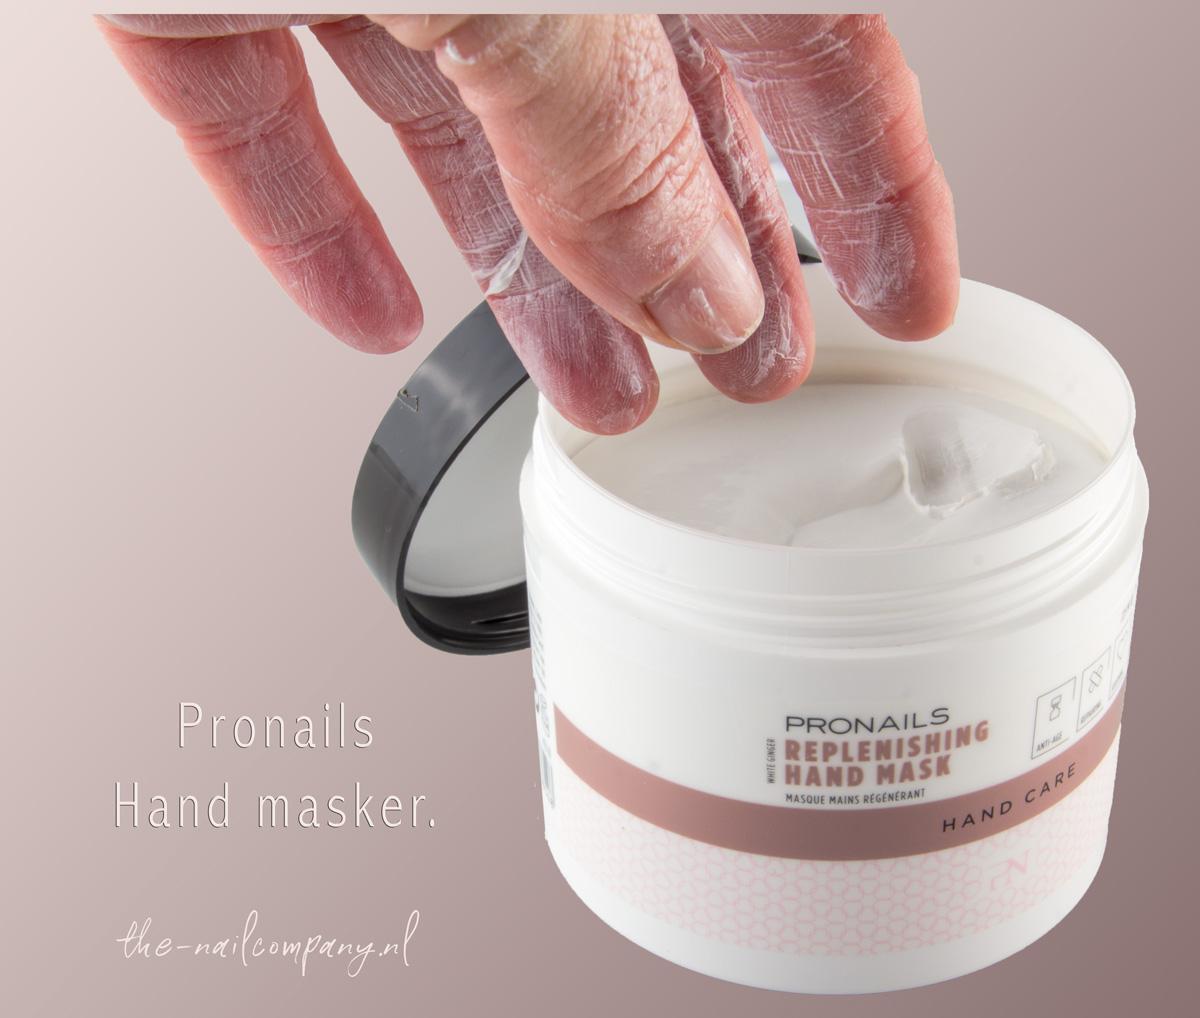 mancire hand masker